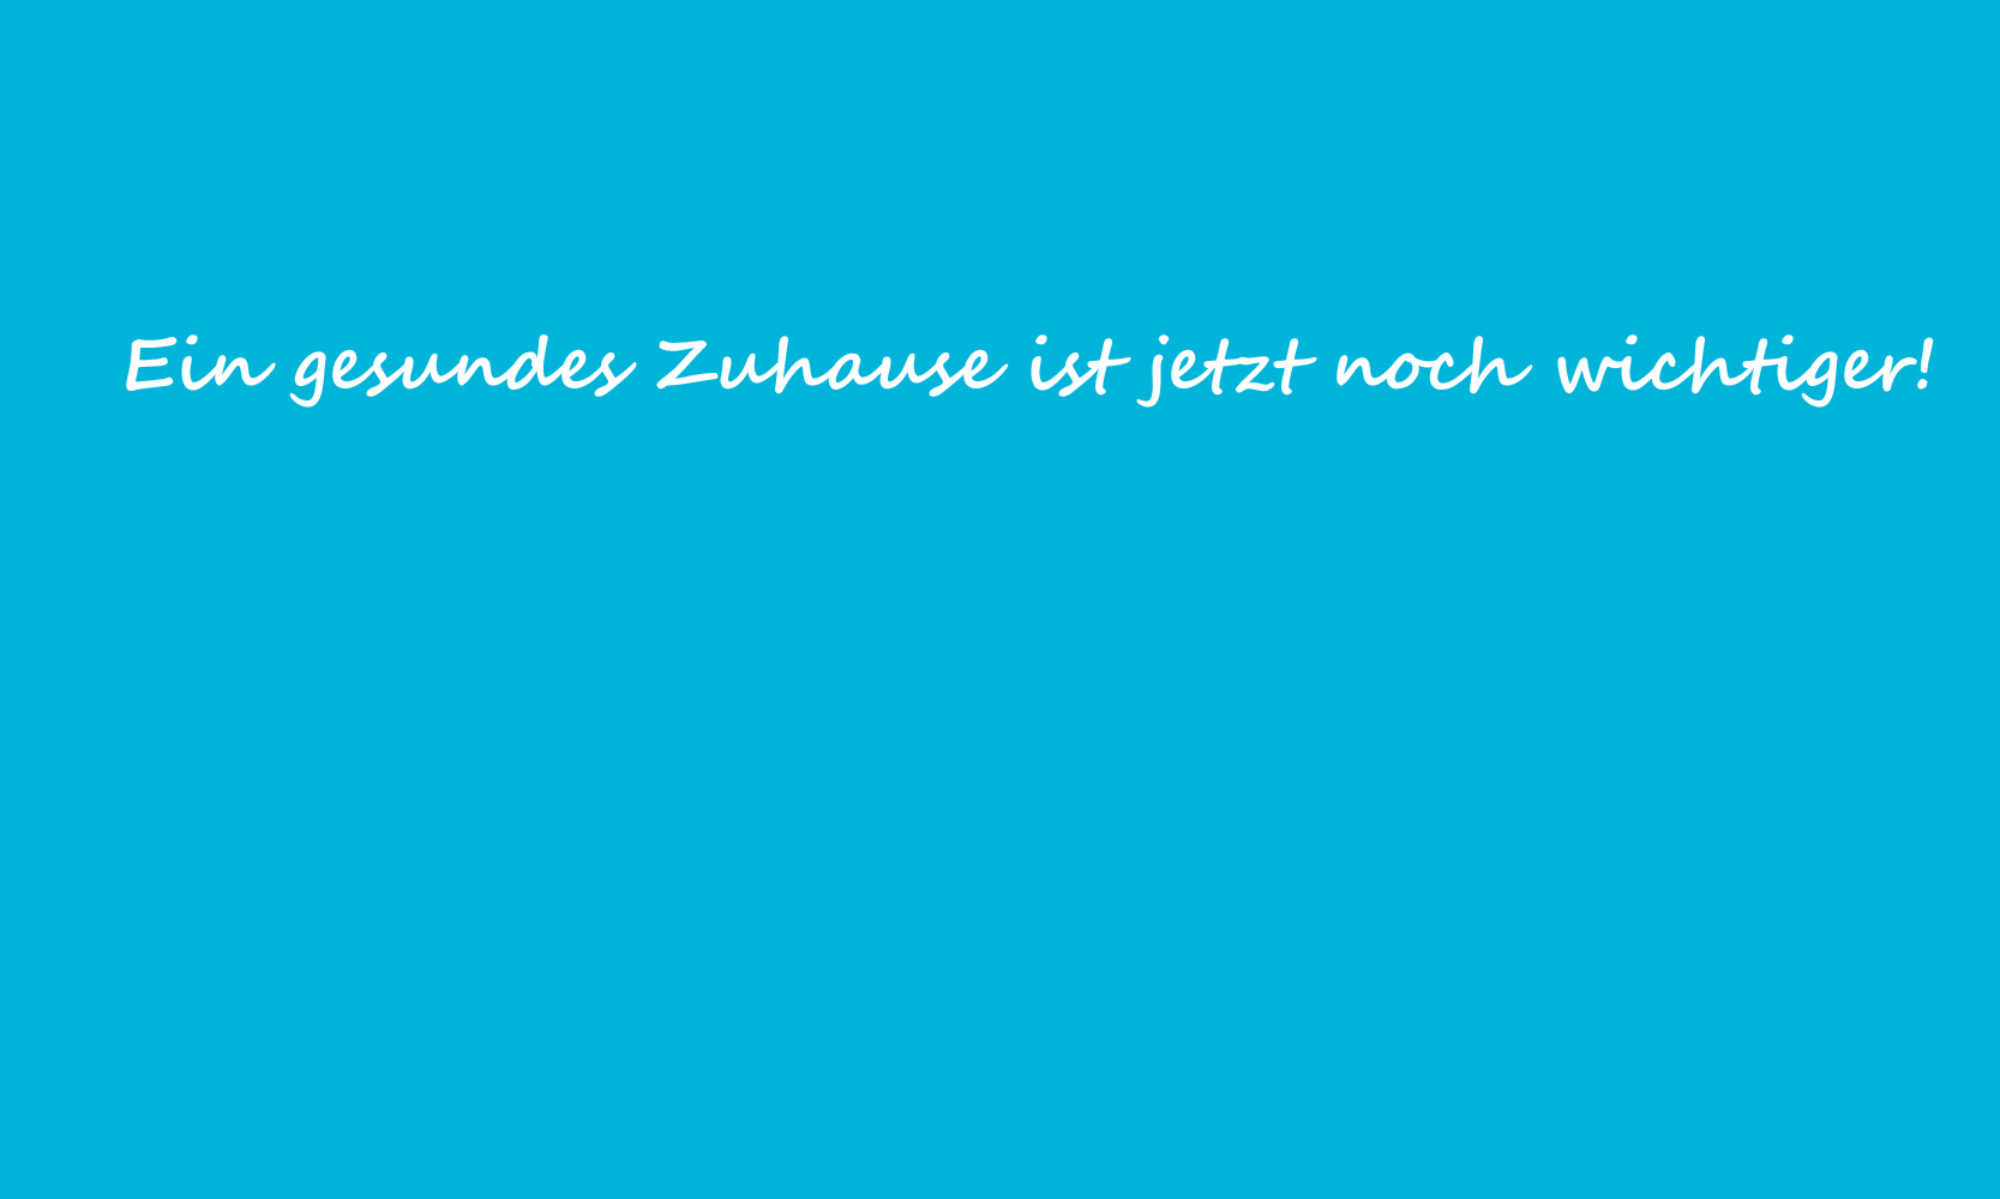 Baubiologie Perner Neidhardt - München